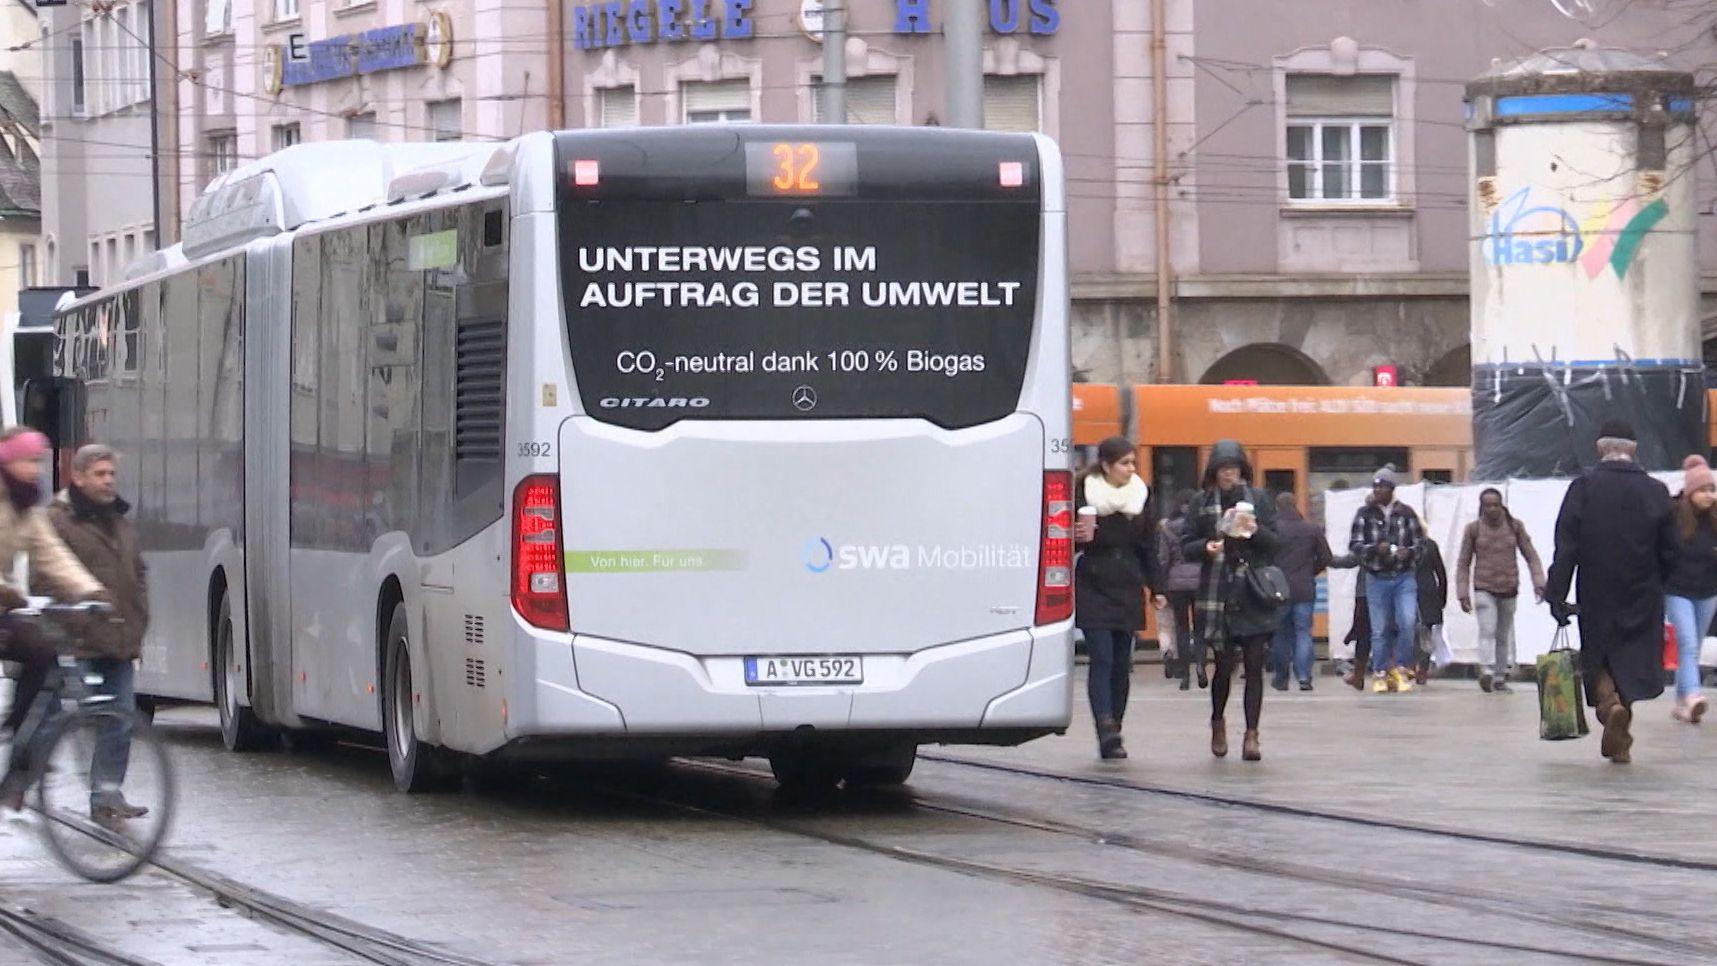 Klimaschutz im Nahverkehr: Augsburg setzt auf Biogas-Busse